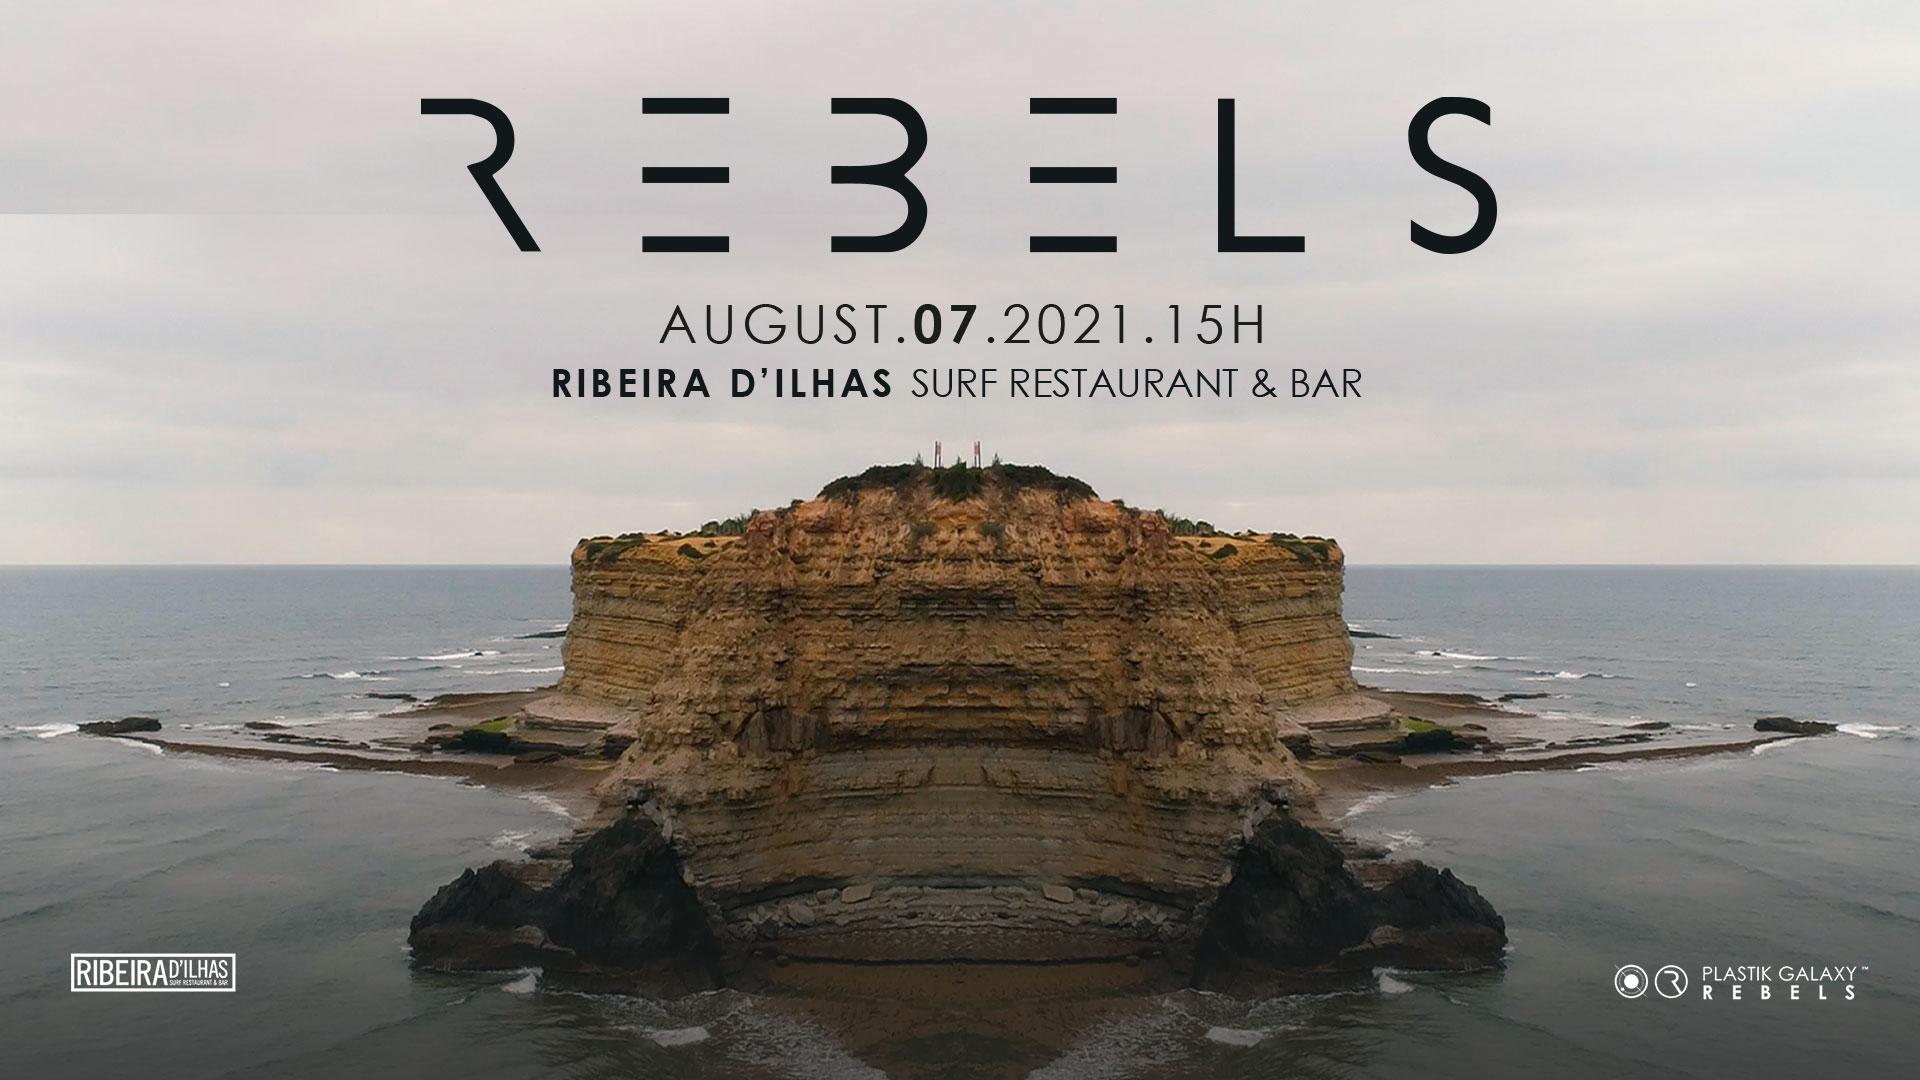 Rebels at Ribeira D'ilhas